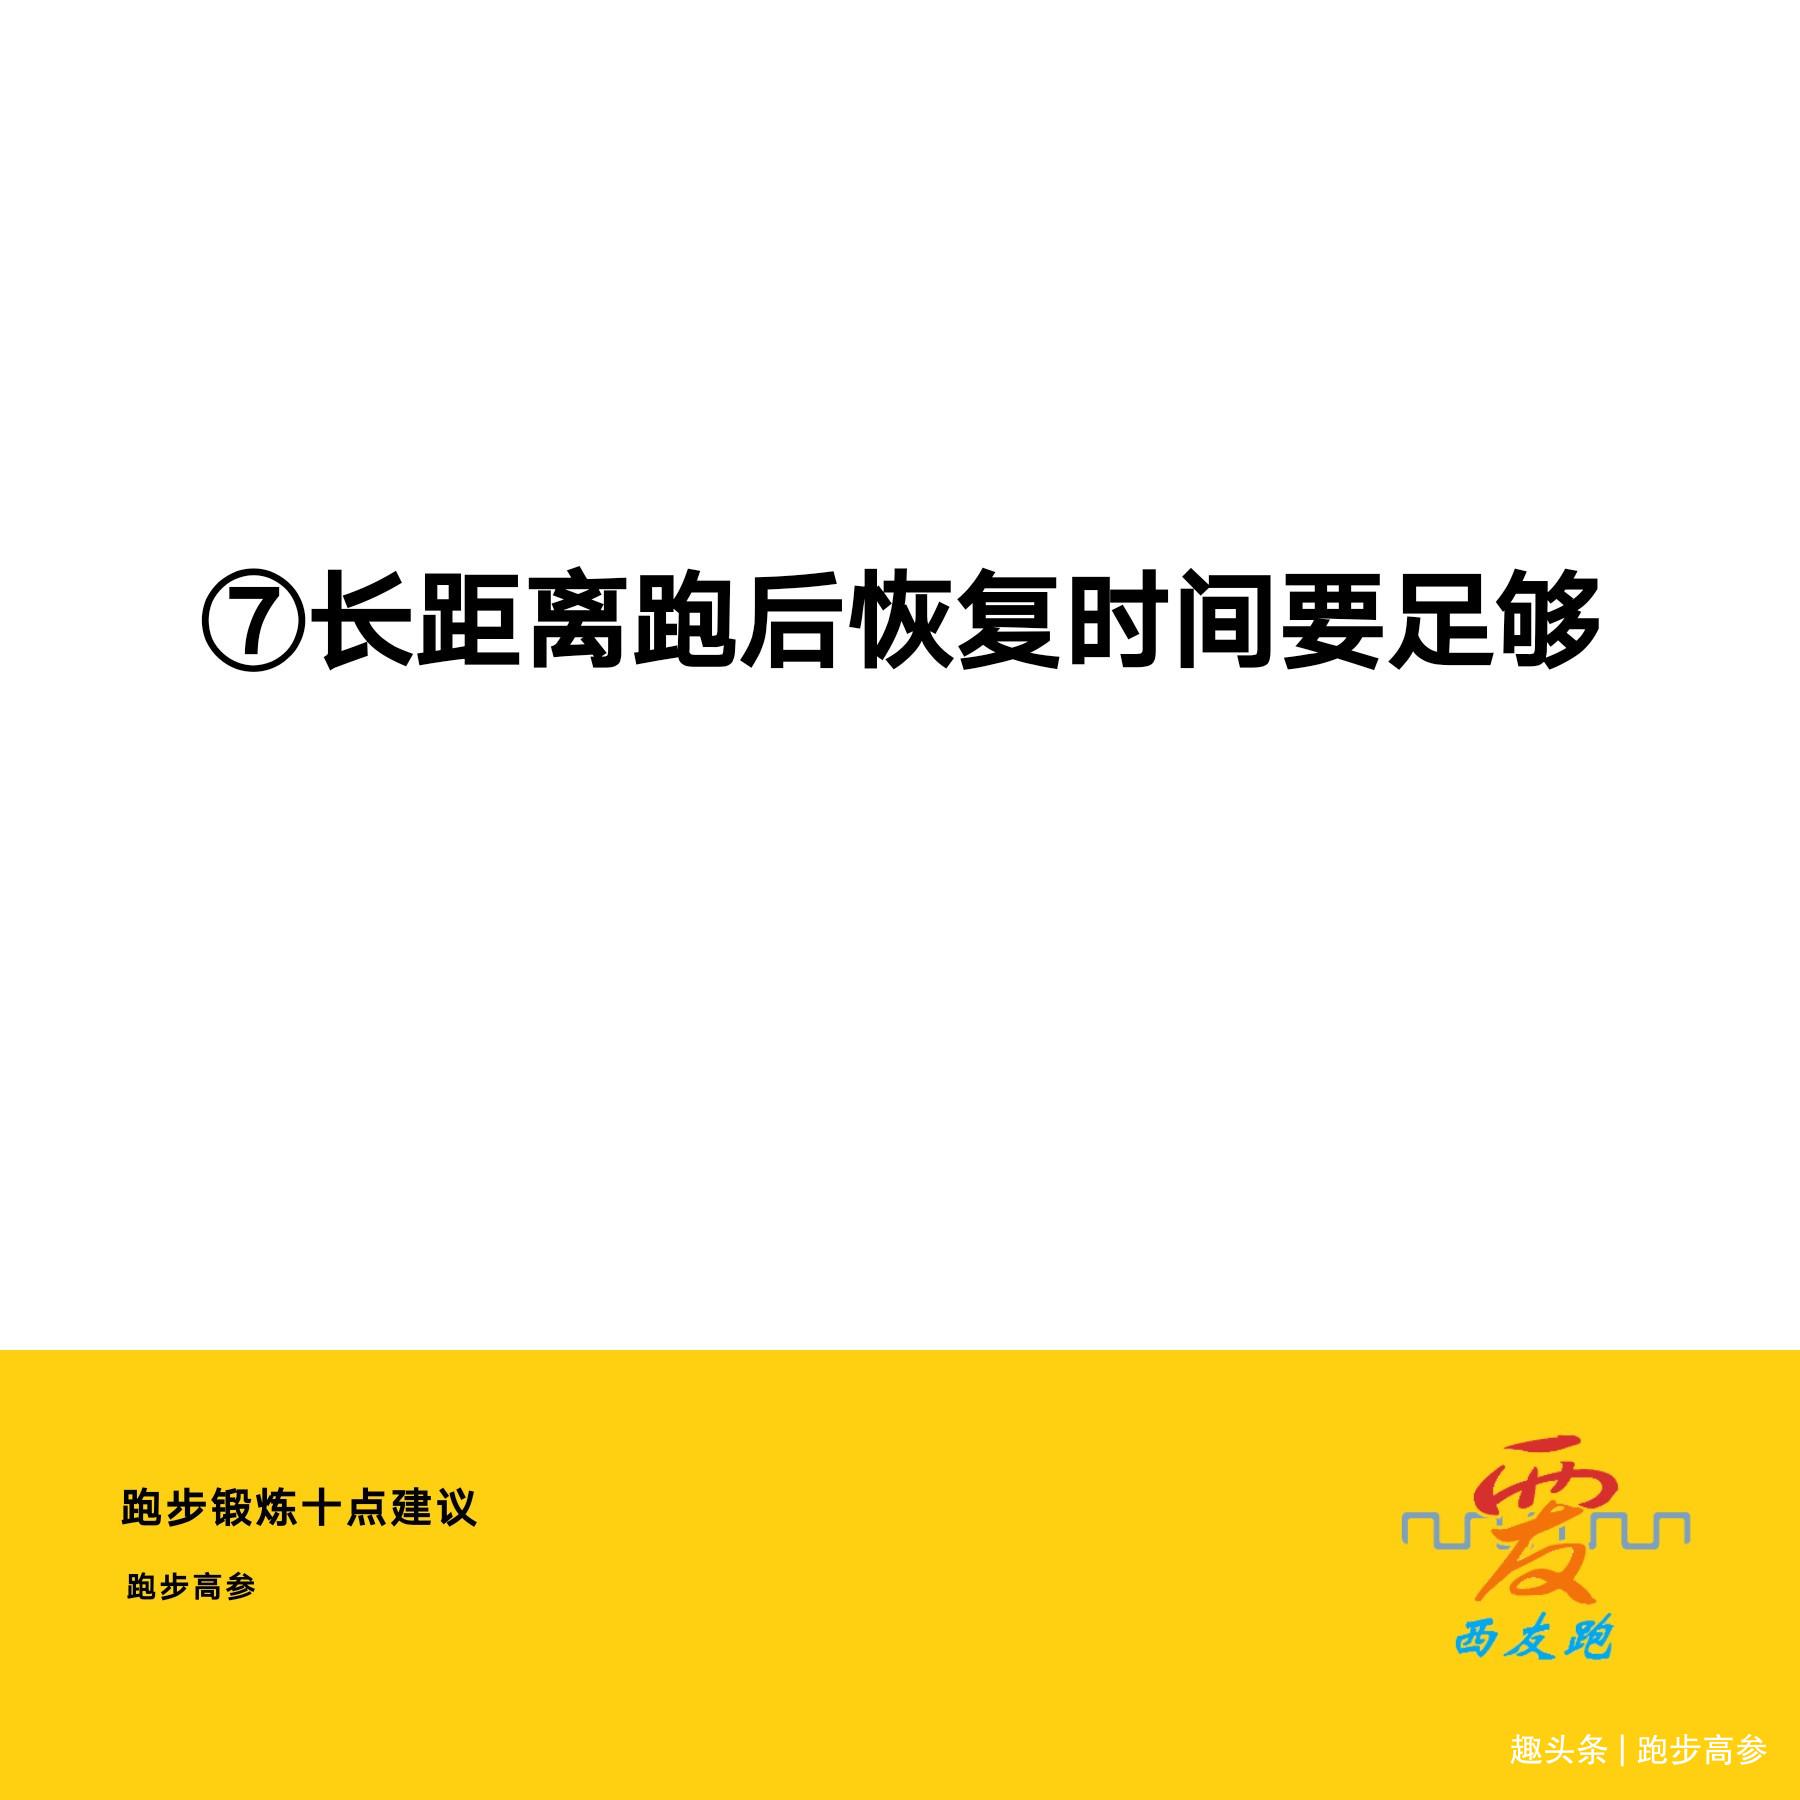 微信图片_20210201004814.jpg